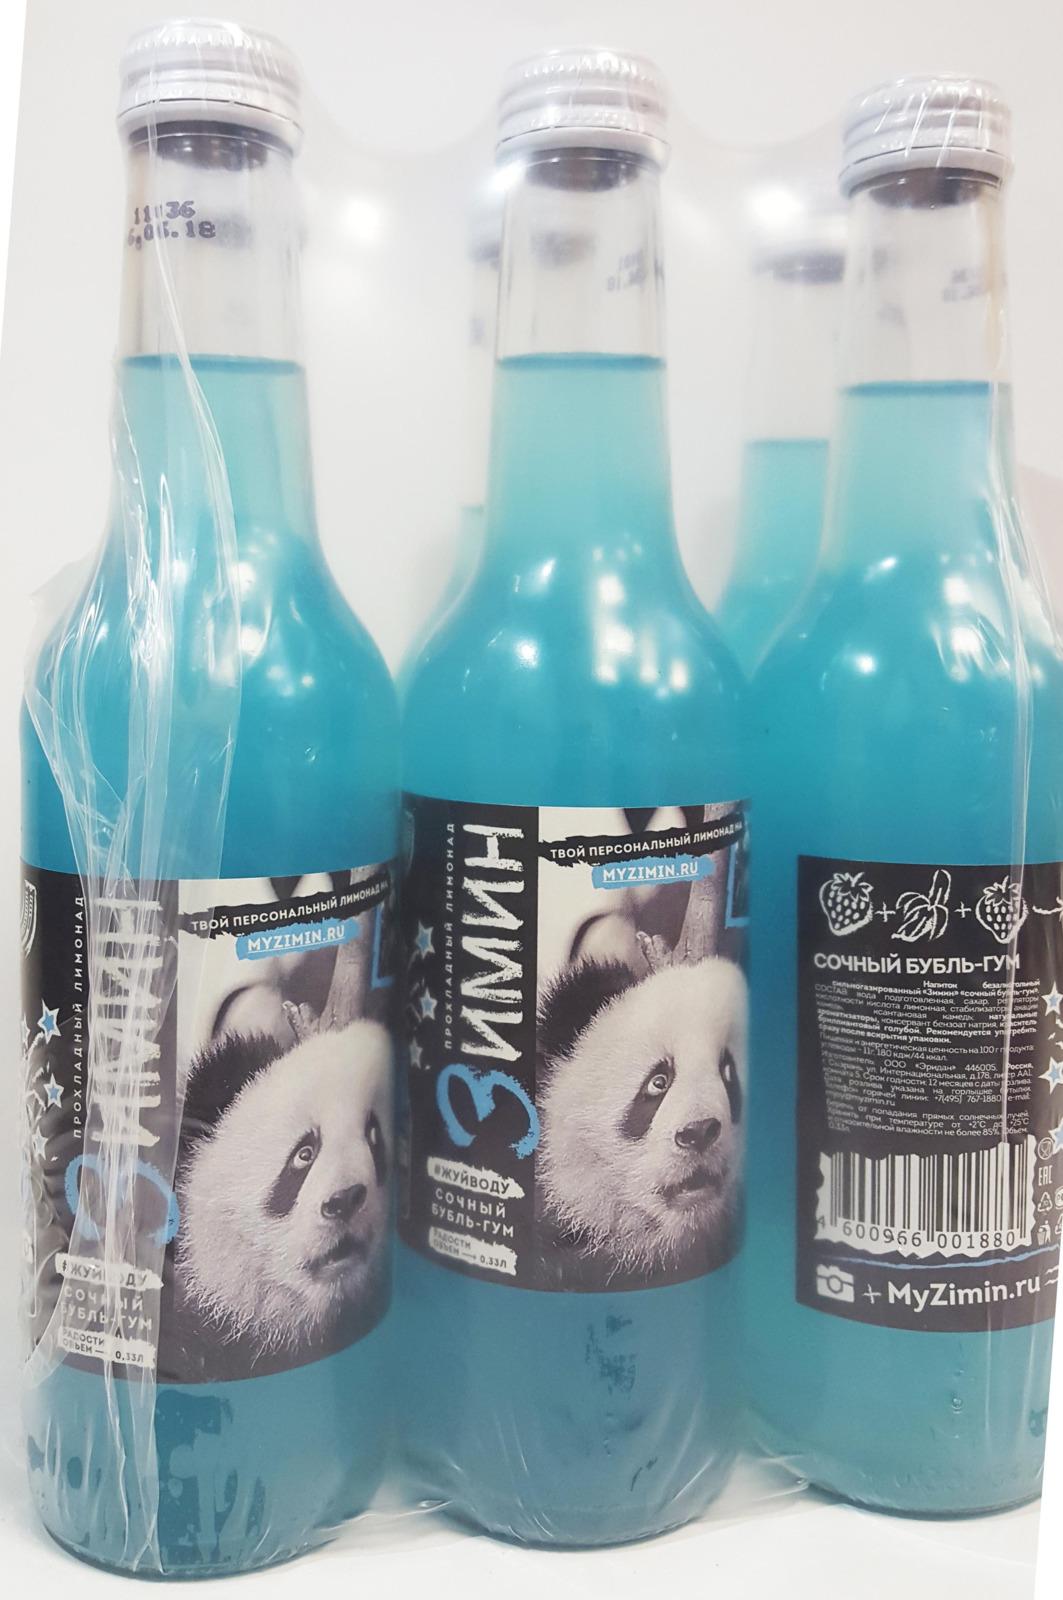 Газированный напиток Зимин Сочный Бубль-гум, 6 шт х 330 мл00163000000001Сочный Бубль-гум - производитель создал вкус, который никого не оставит равнодушным! Вкус жвачки теперь есть в жидком виде!